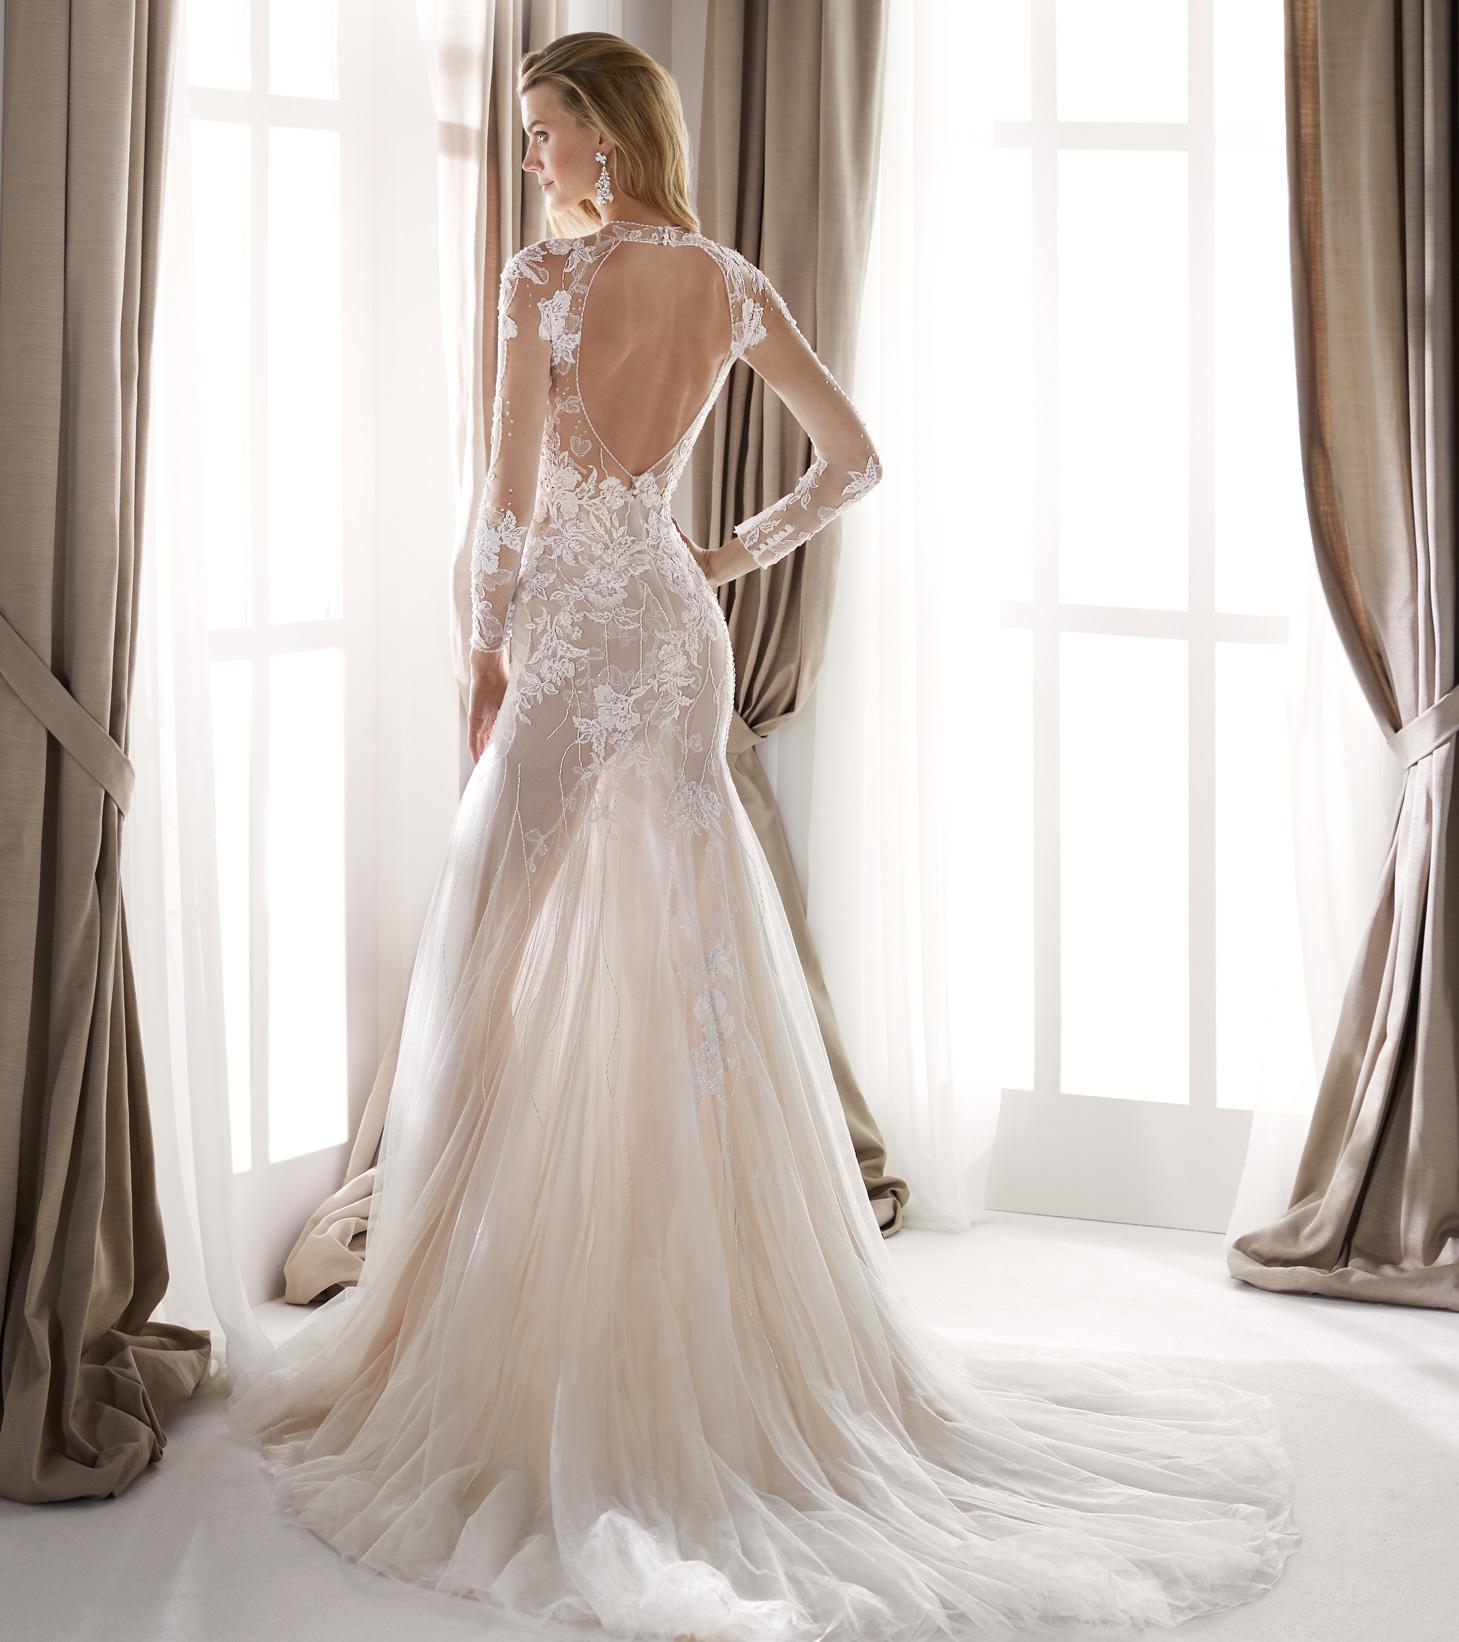 Vestiti Eleganti Vicenza.Abito Da Sposa Nicole 2020 Nia20431 Mariages It Abiti Sposa